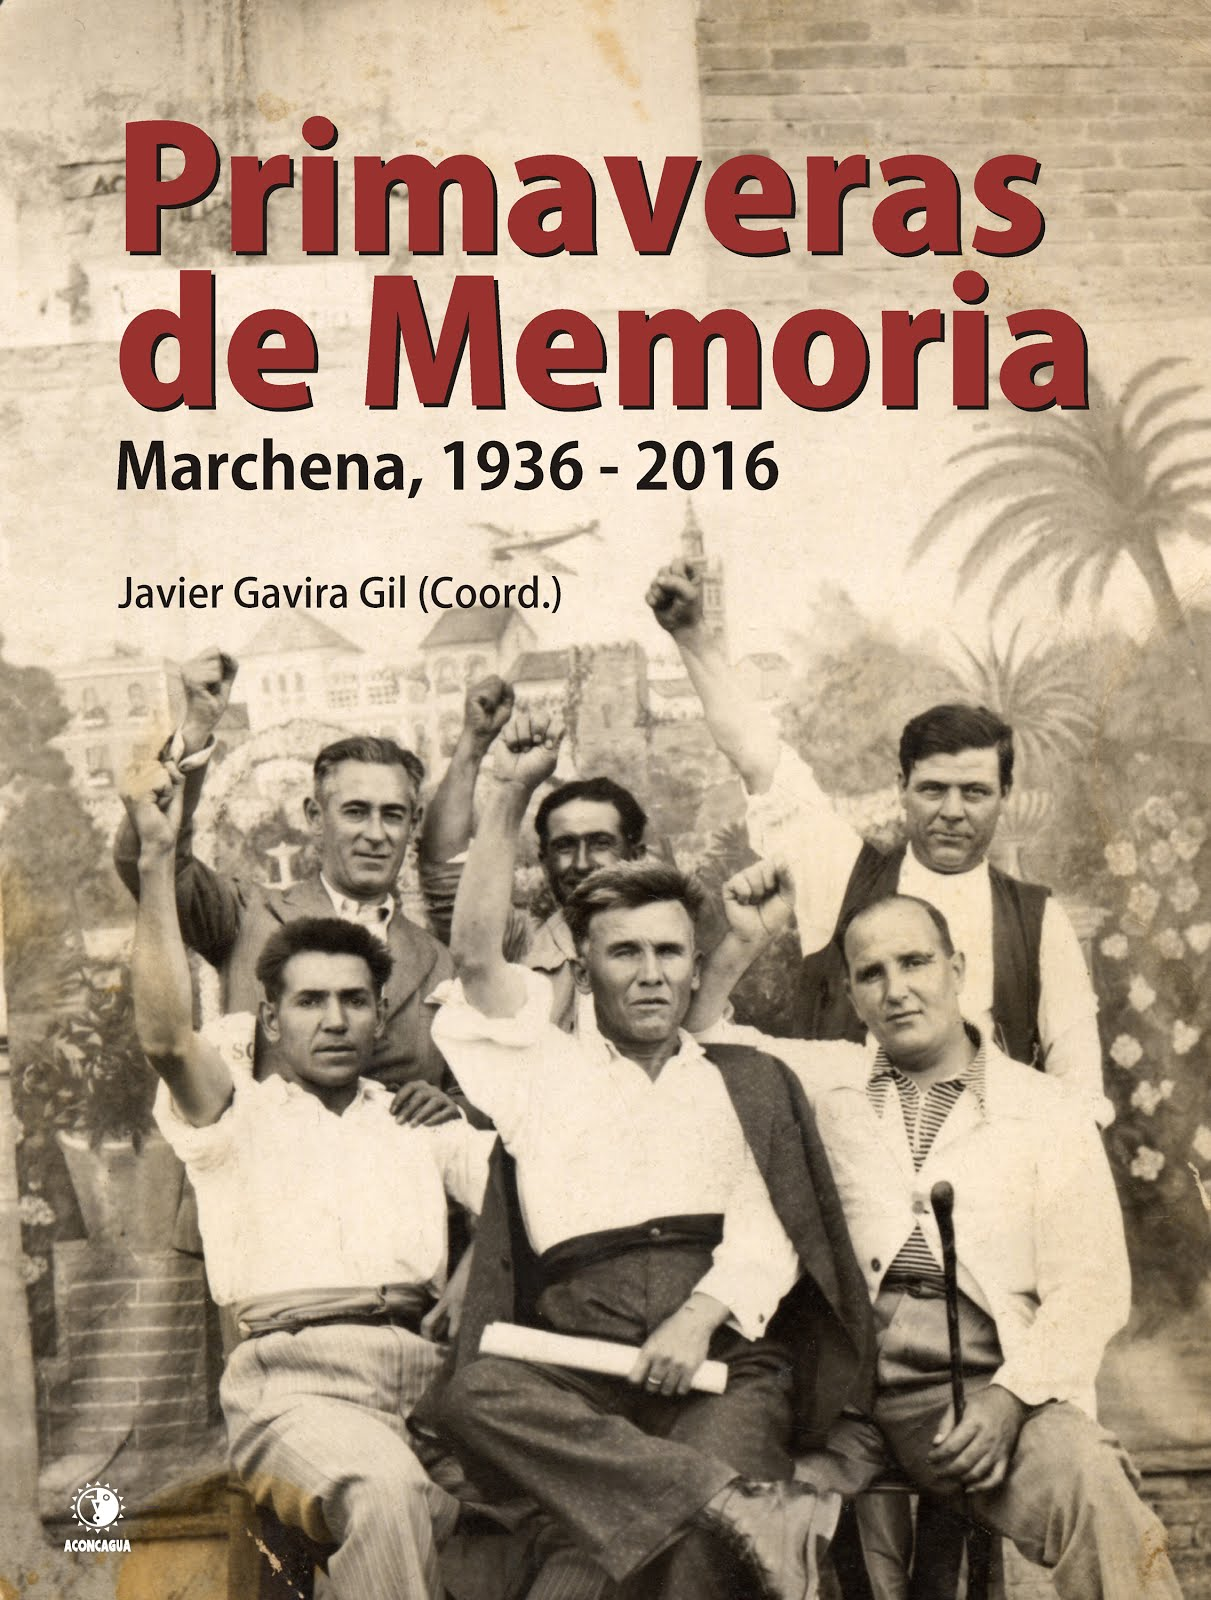 Primaveras de Memoria. Marchena 1936-2016.